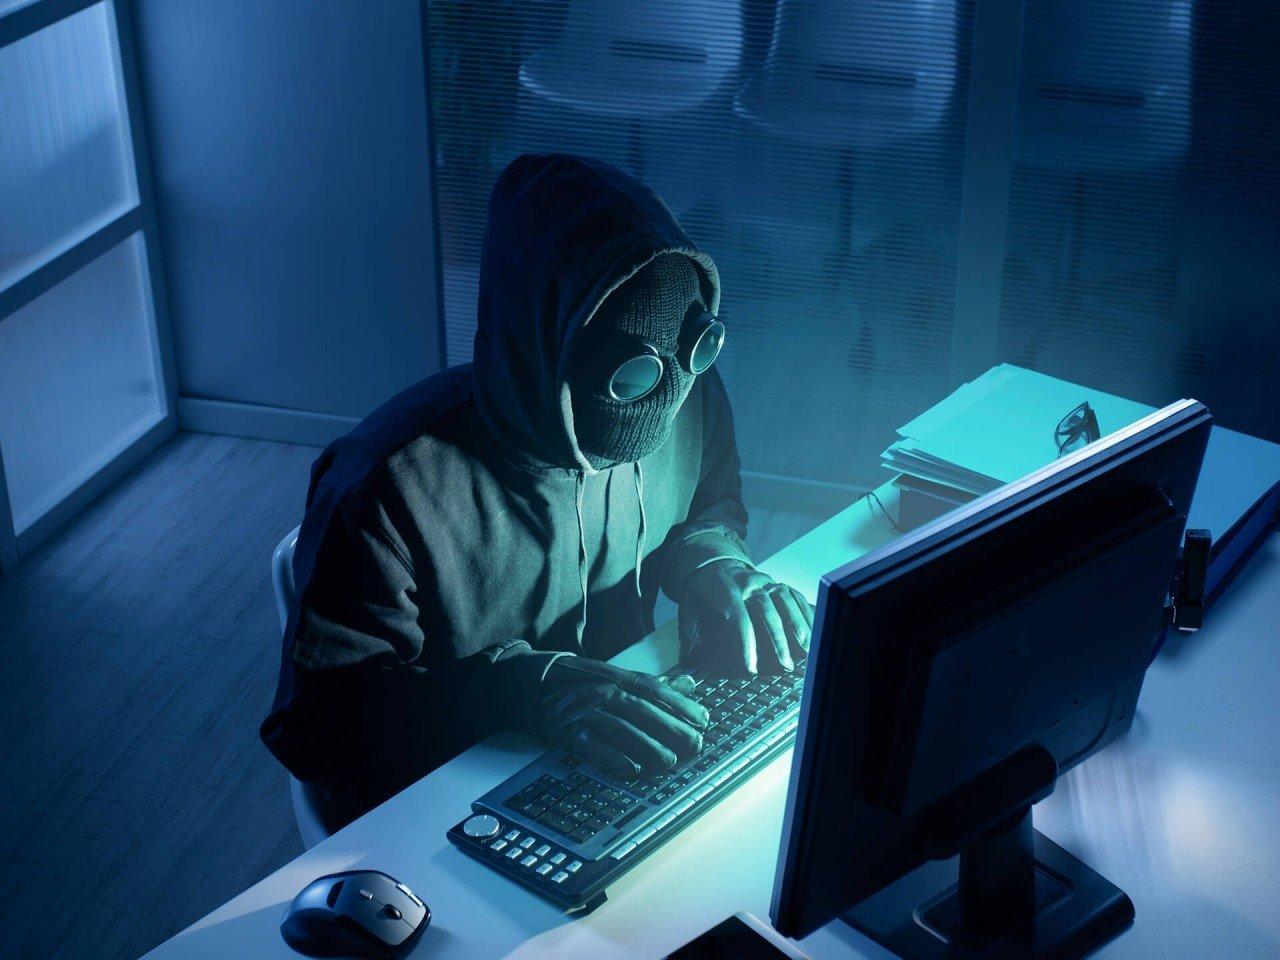 Хакеры в москве видео порно